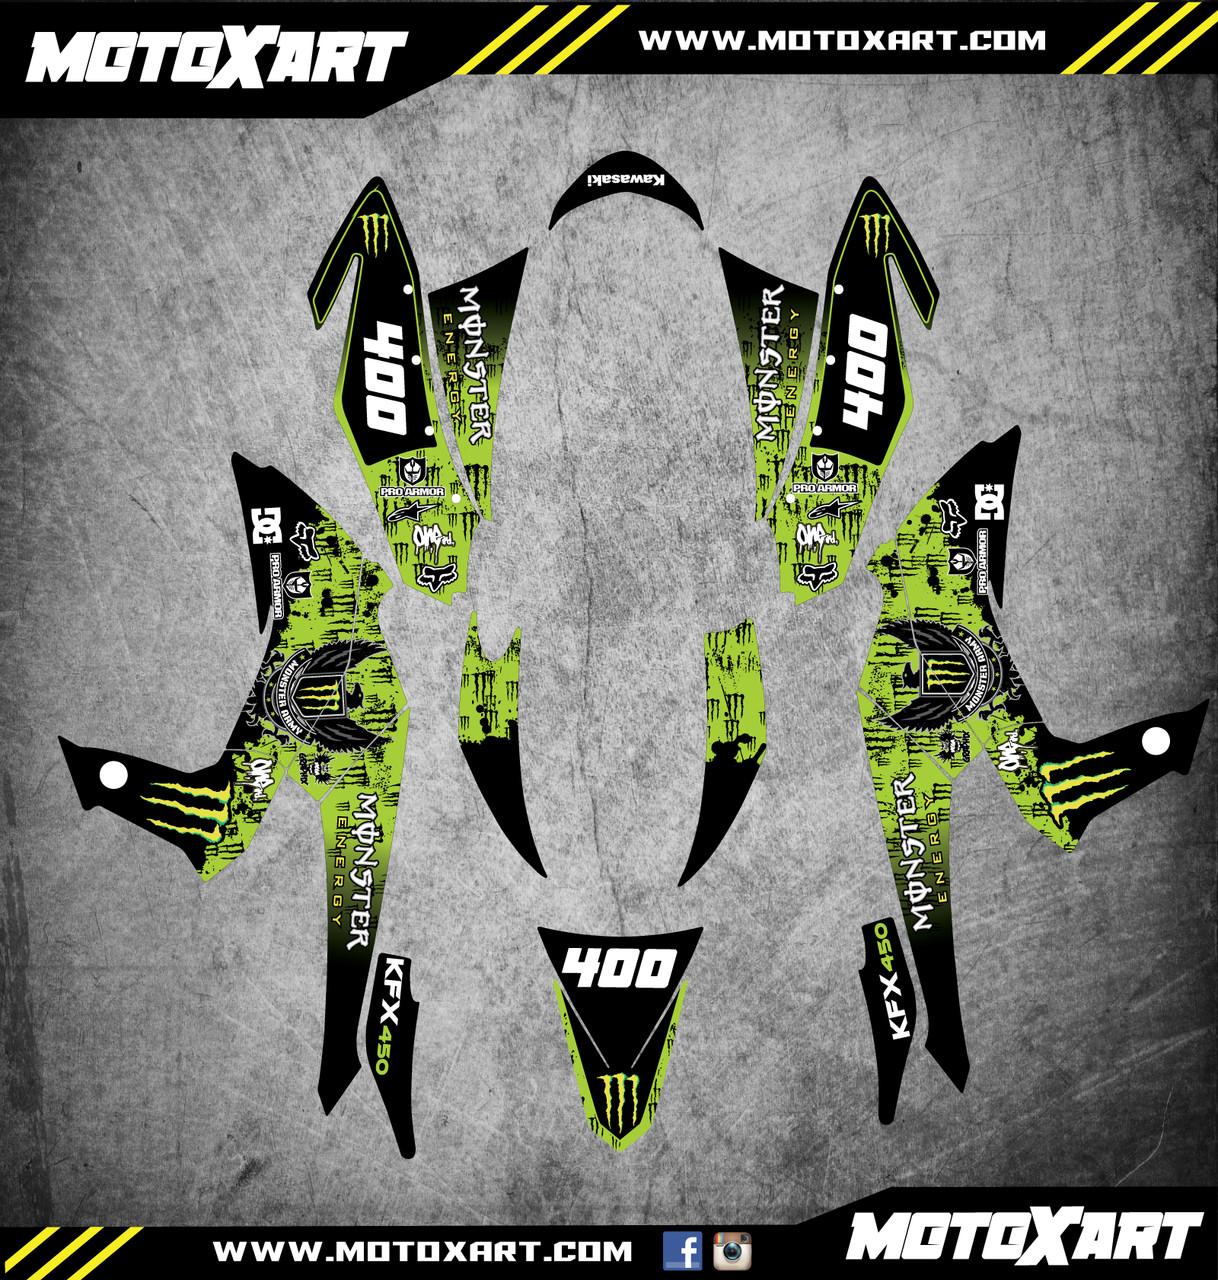 QUAD ATV Full custom graphics kit MONSTER Style Sticker Kit